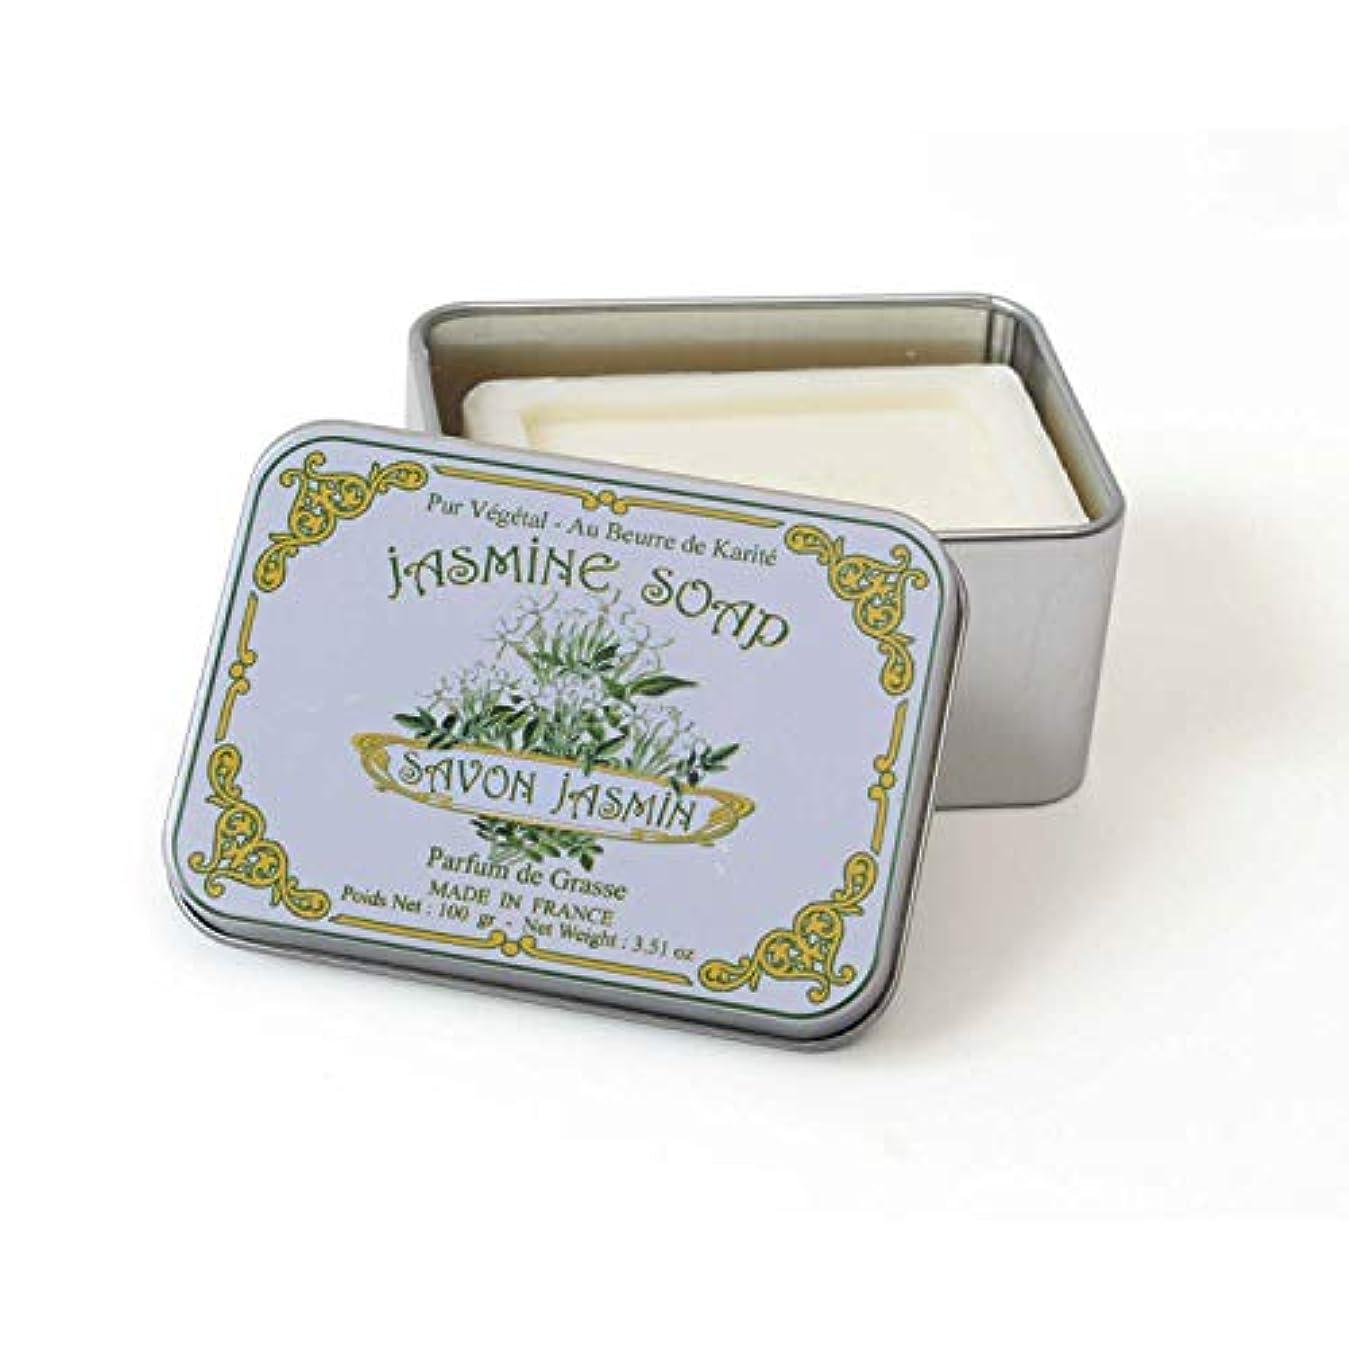 つまずく批判的に軽くLe Blanc ルブランソープ ジャ スミンの香り